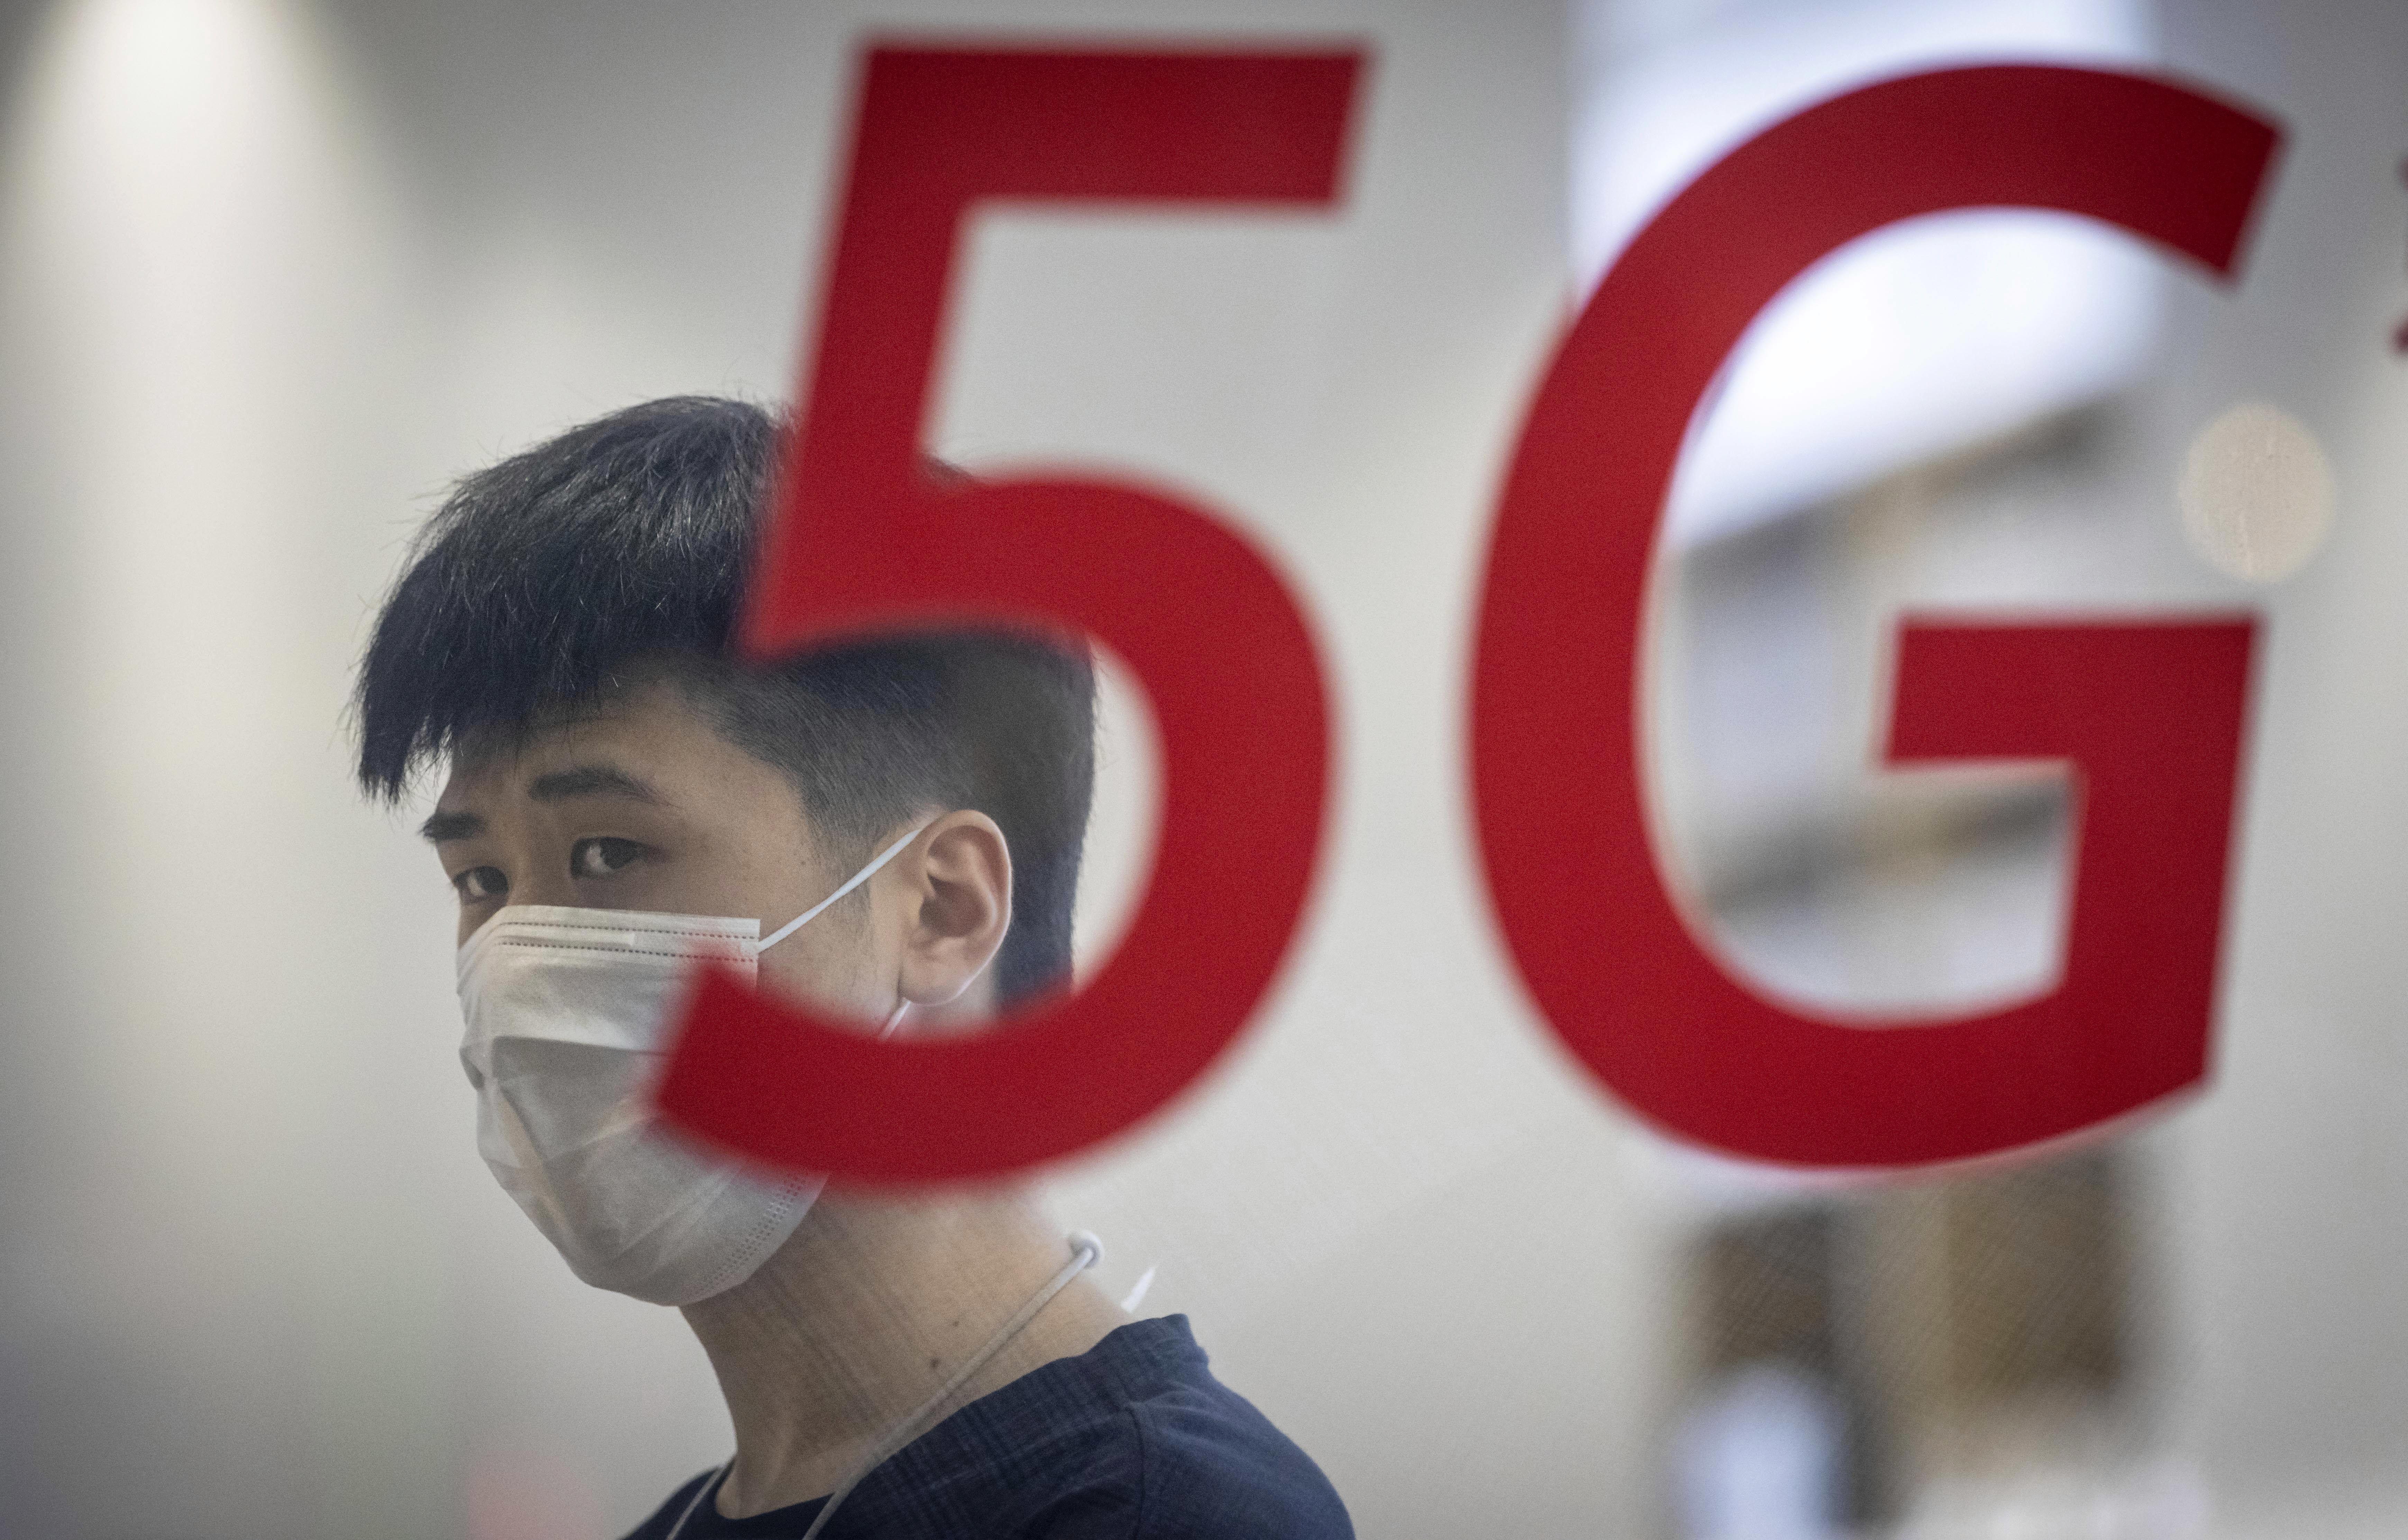 Ce restricții speciale impune Guvernul producătorilor de tehnologie 5G care vor să vândă în România